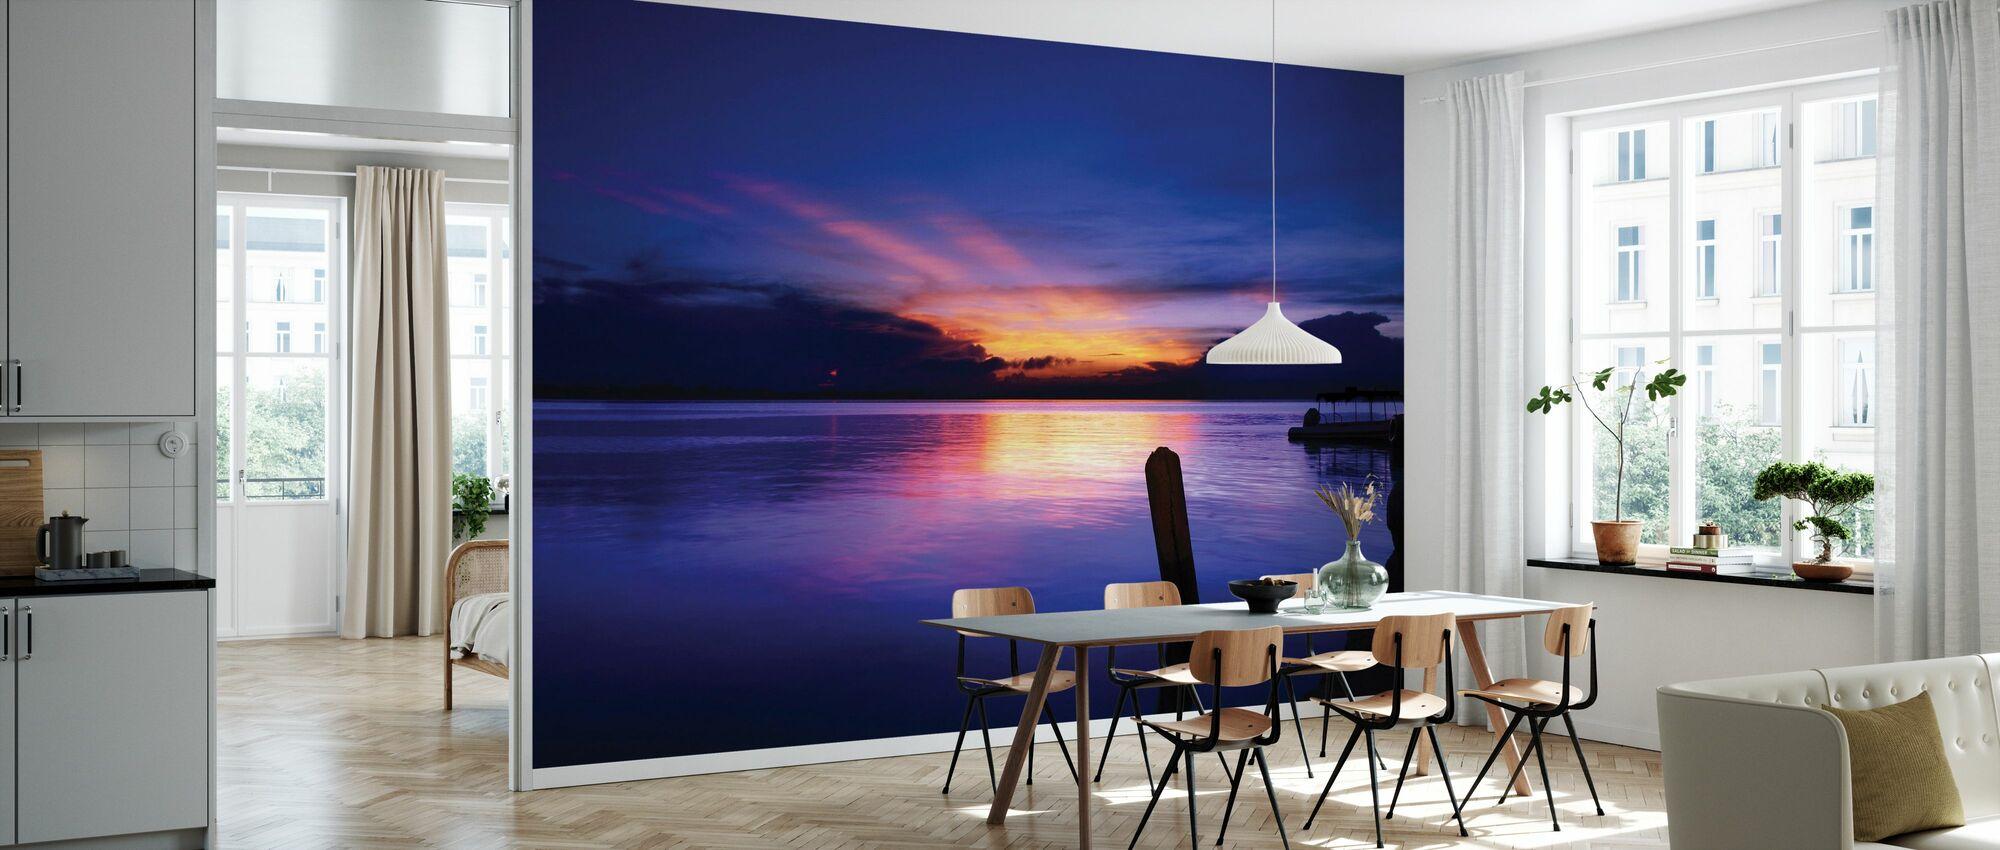 Sunrise at Sta Ana - Wallpaper - Kitchen